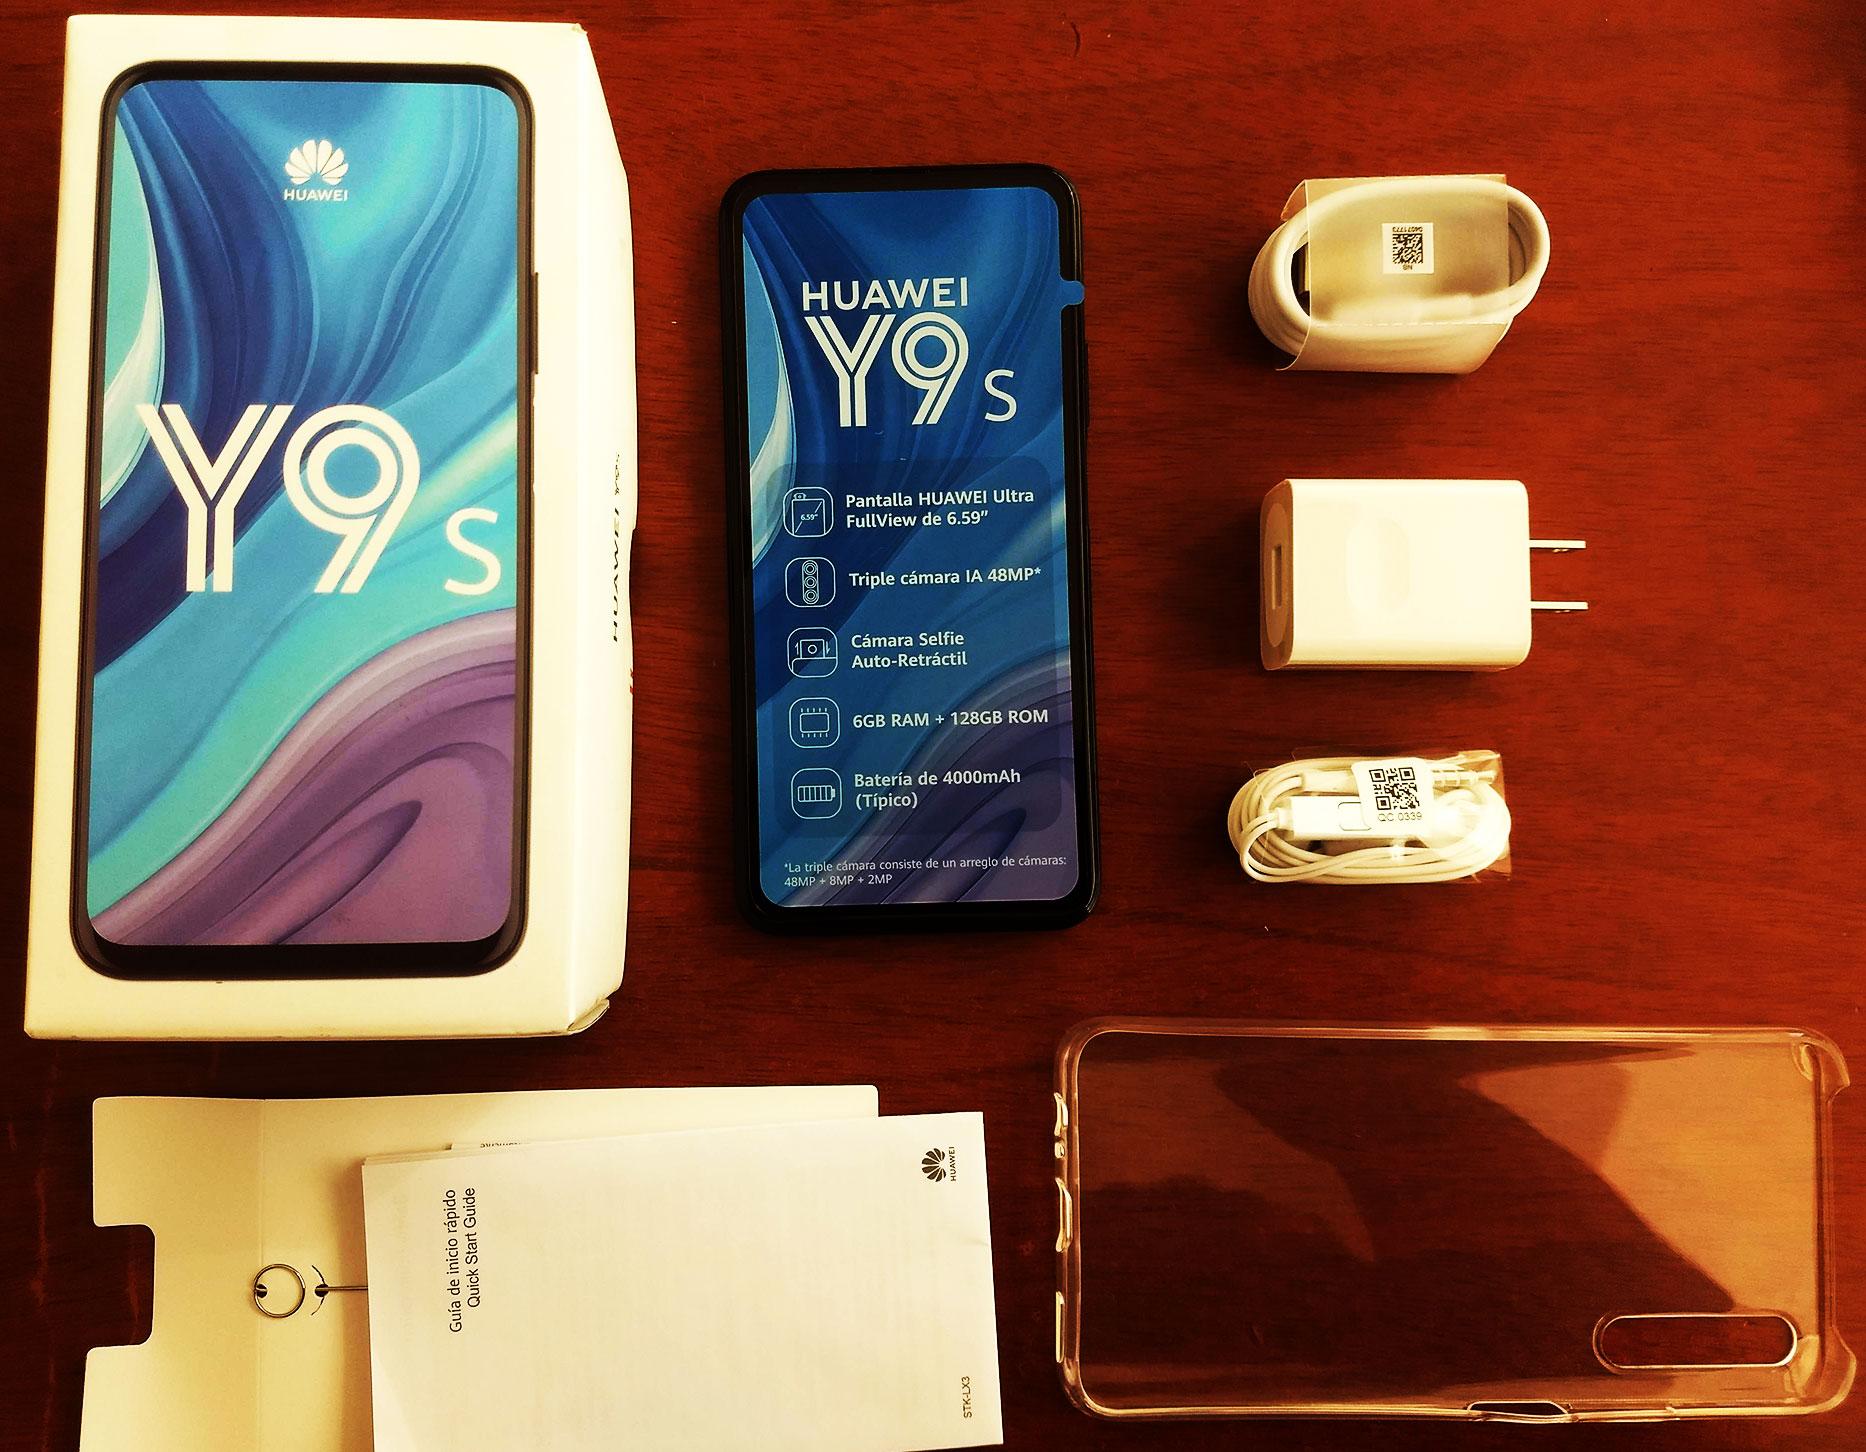 ¿Que incluye en la caja de Huawei Y9s?